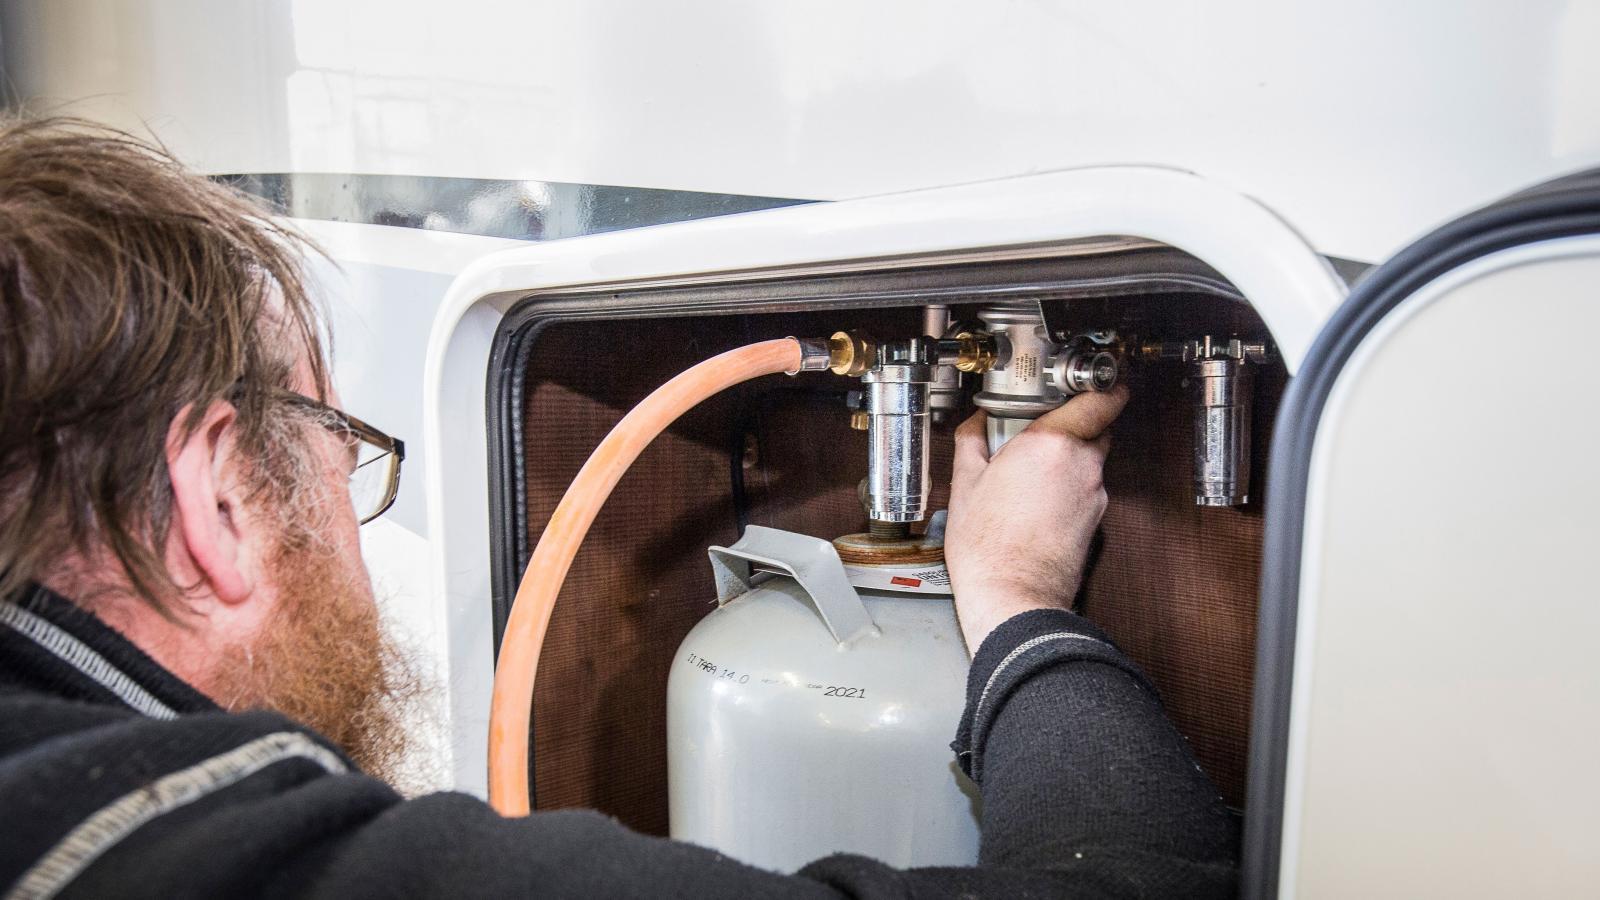 Gasolkontroll och fukttest rekommenderas att göras årligen för att vara på den säkra sidan.